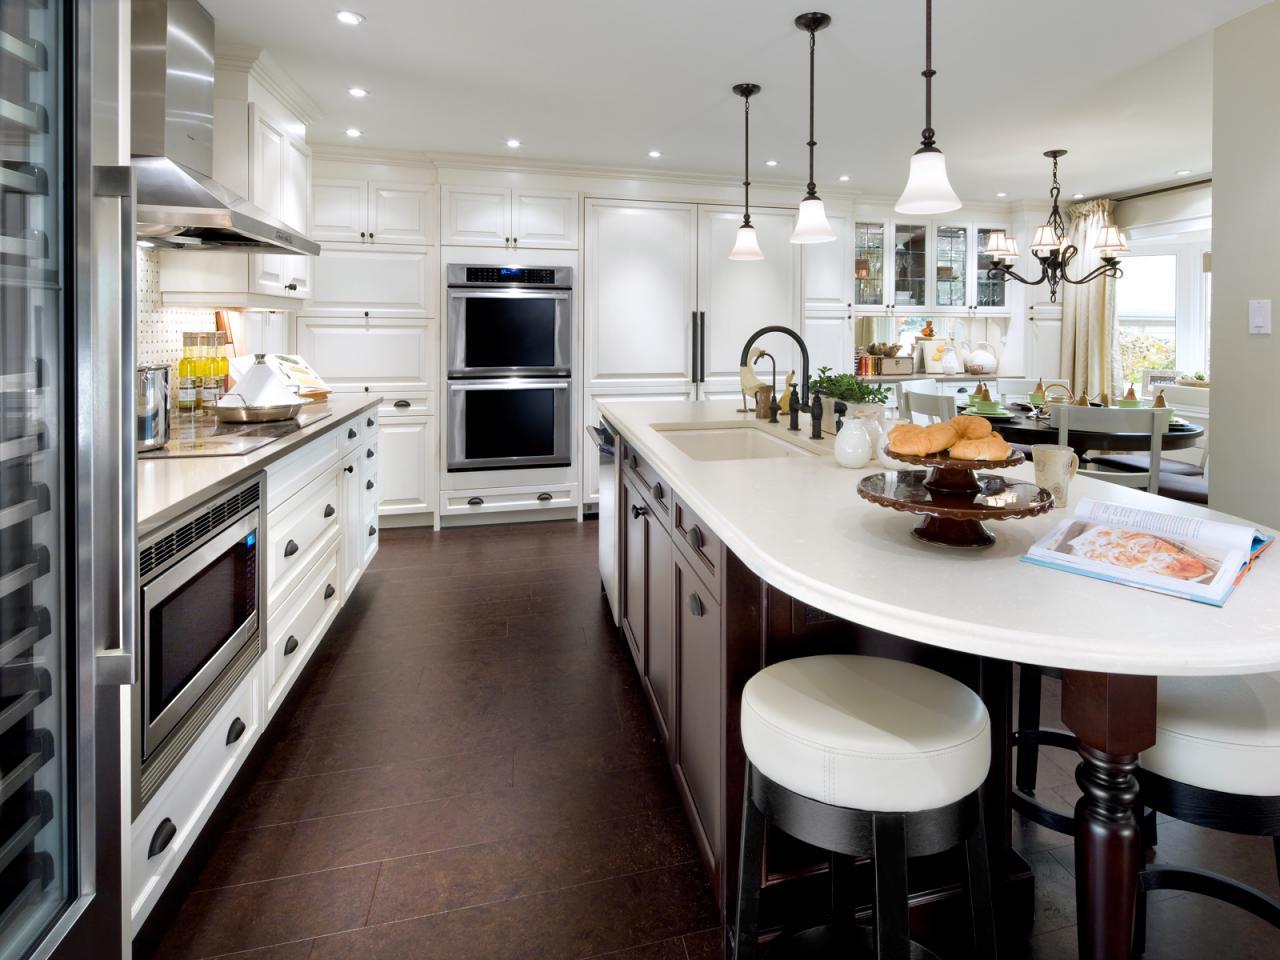 divine design kitchen ideas photo - 2